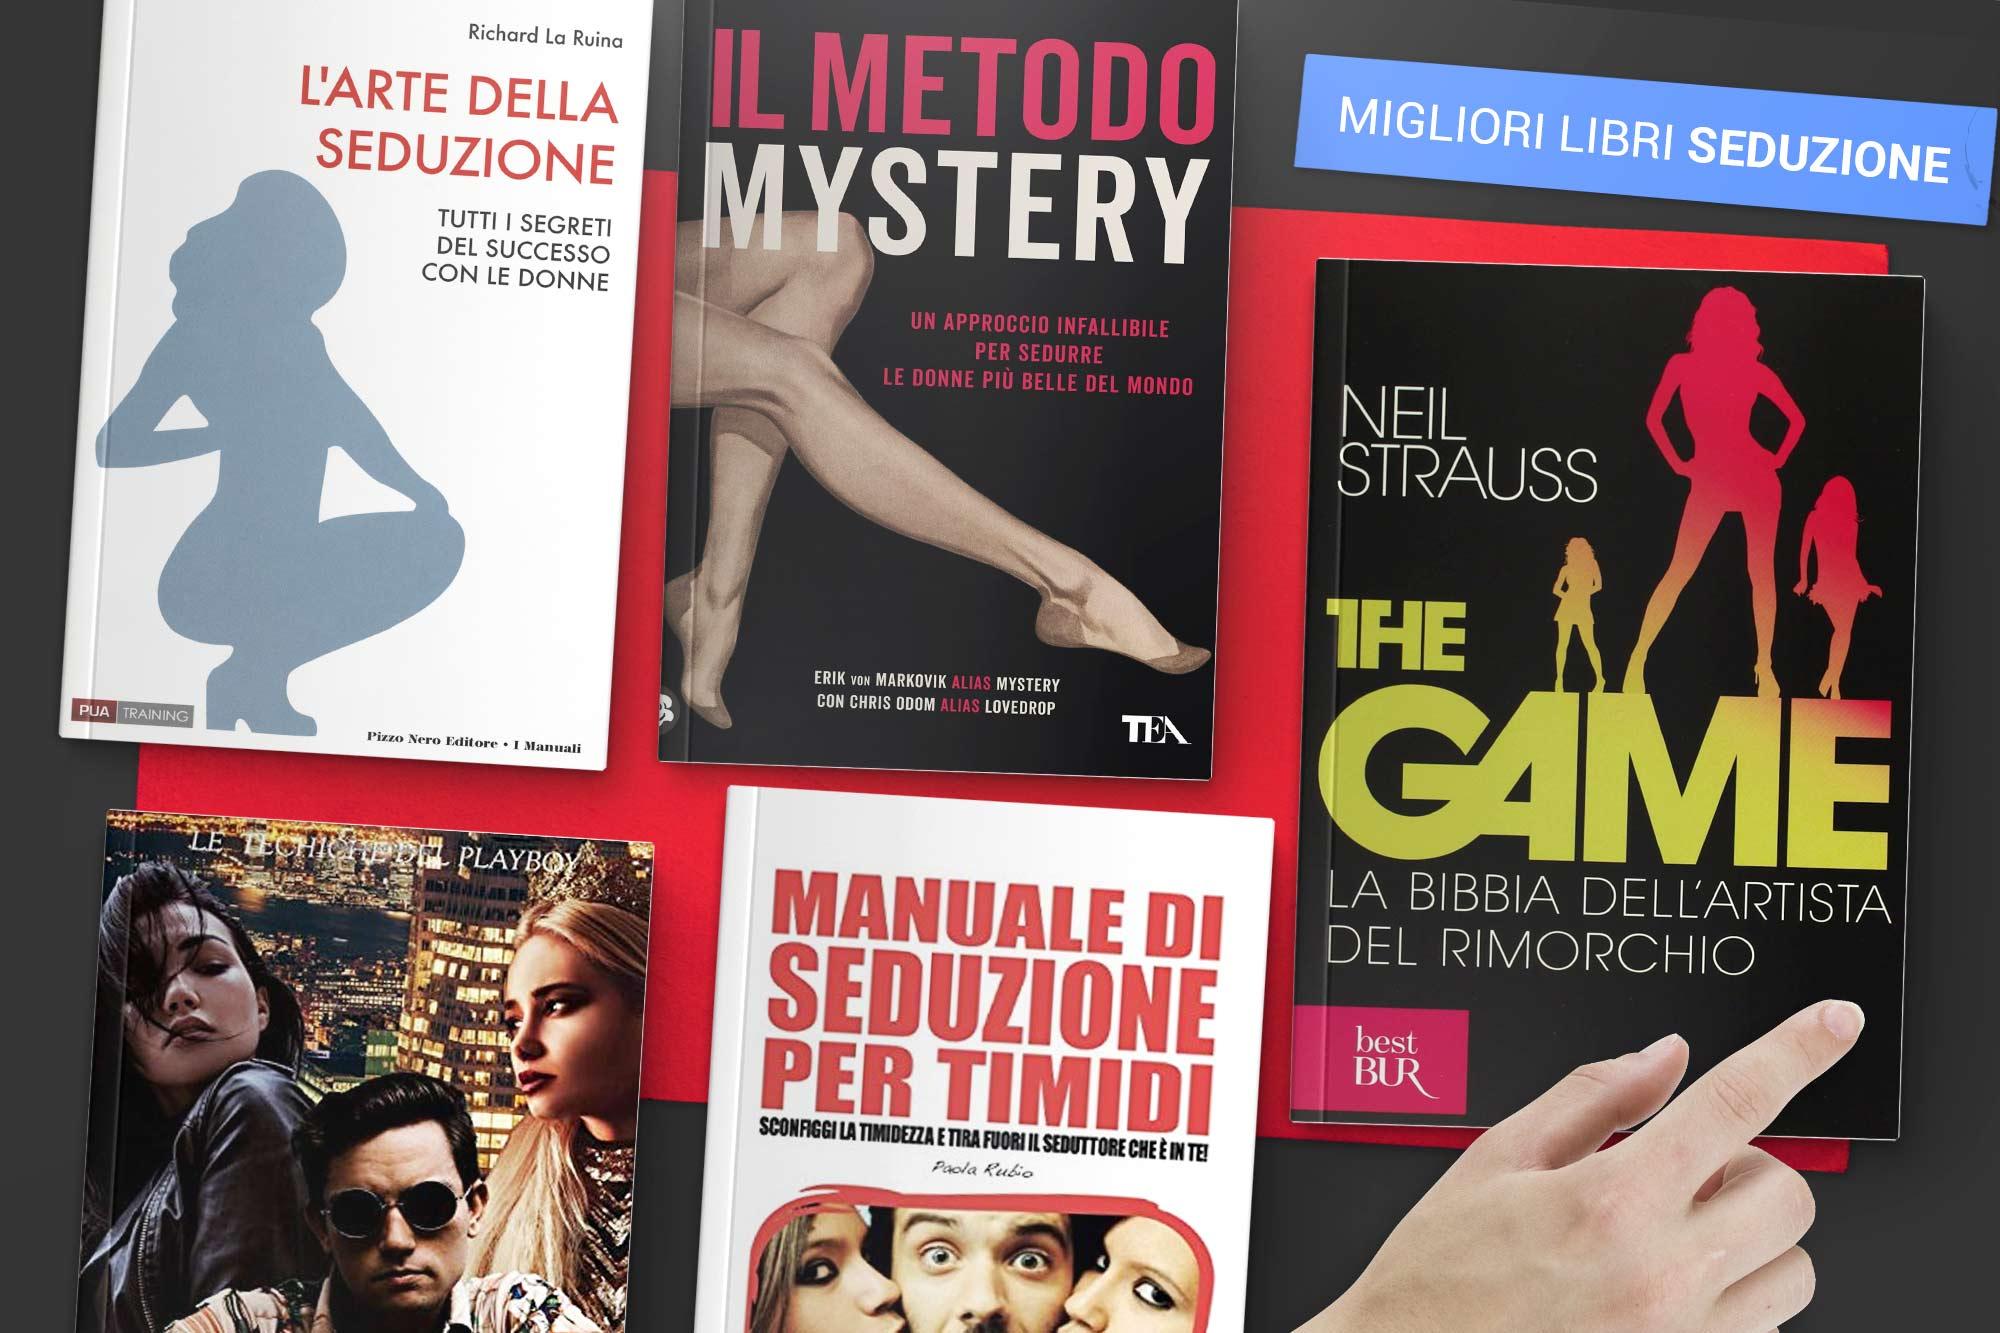 Migliori Libri Di Seduzione | Basta Un Libro Per Imparare A Sedurre Le Donne?